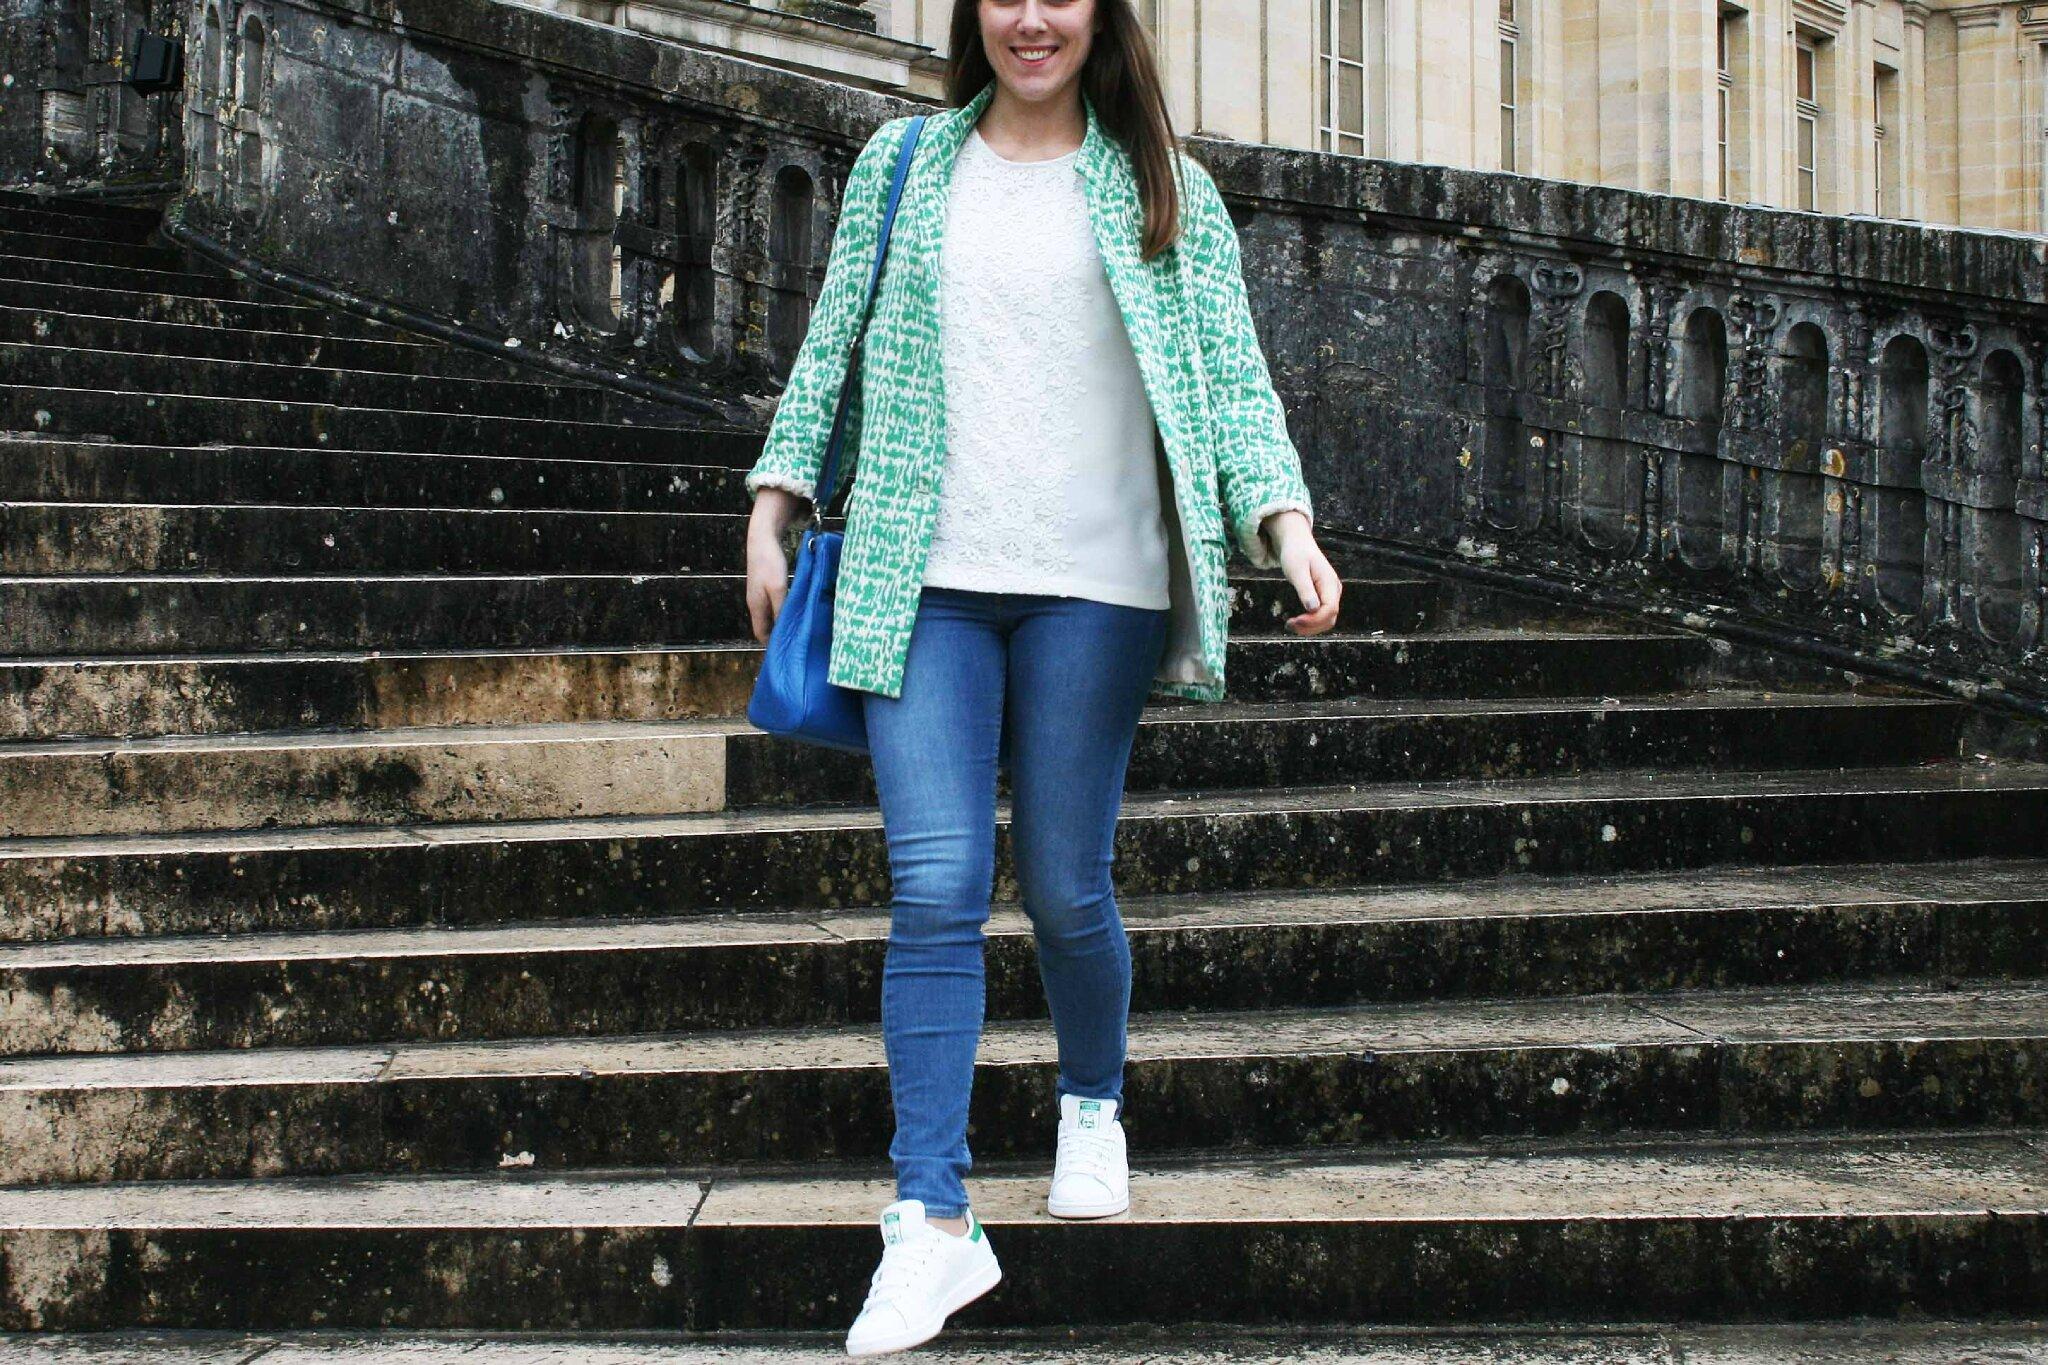 Aime comme Miroir en sortie à Fontainebleau par temps de pluie...